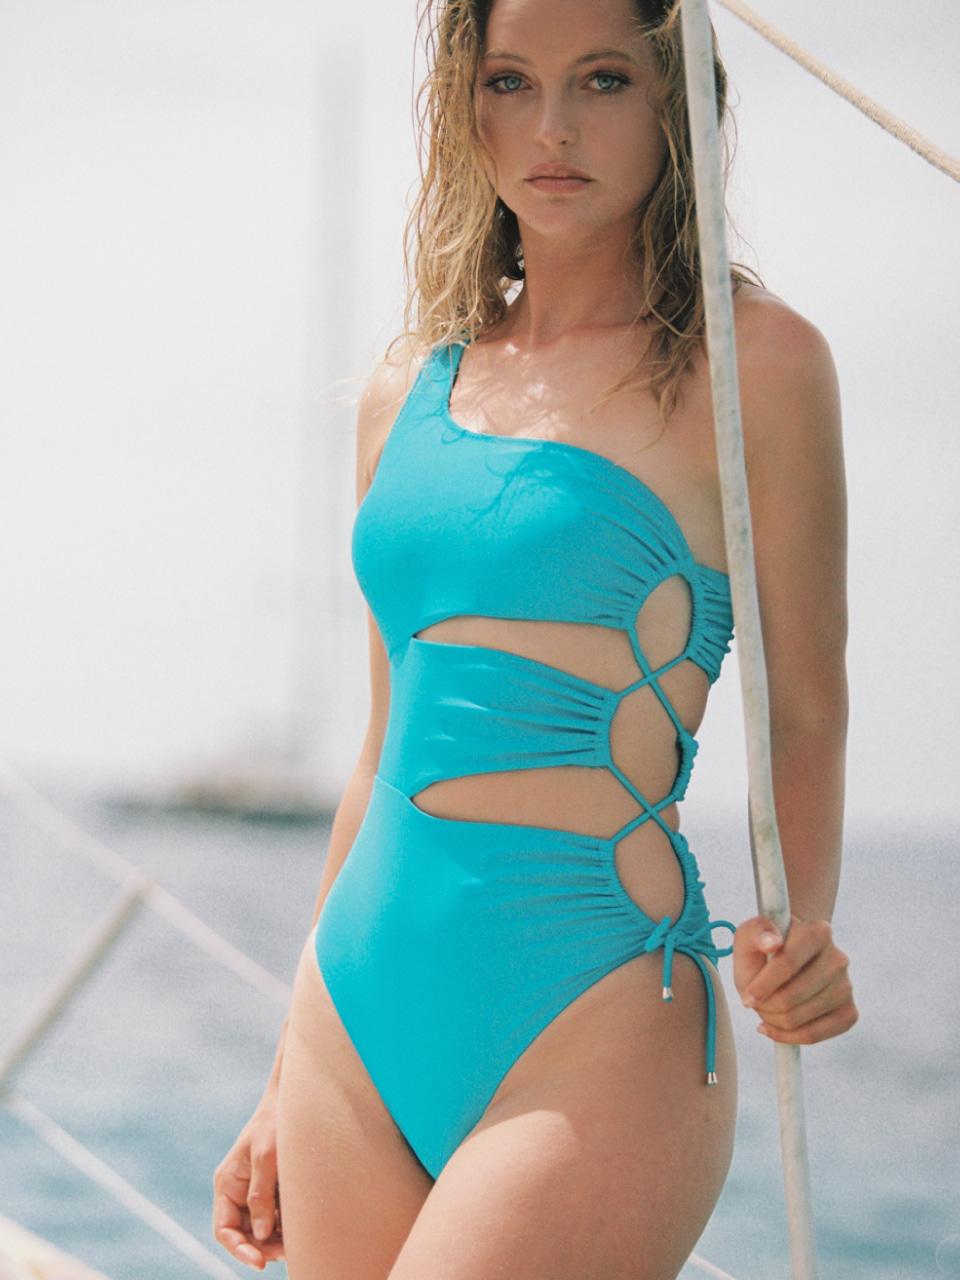 BADA ONE-SHOULDER ONE-PIECEswimwear,수영복,비키니,데이즈데이즈,dazedayz,디자이너수영복,디자이너스위웨어,디자이너수영복,리조트웨어,